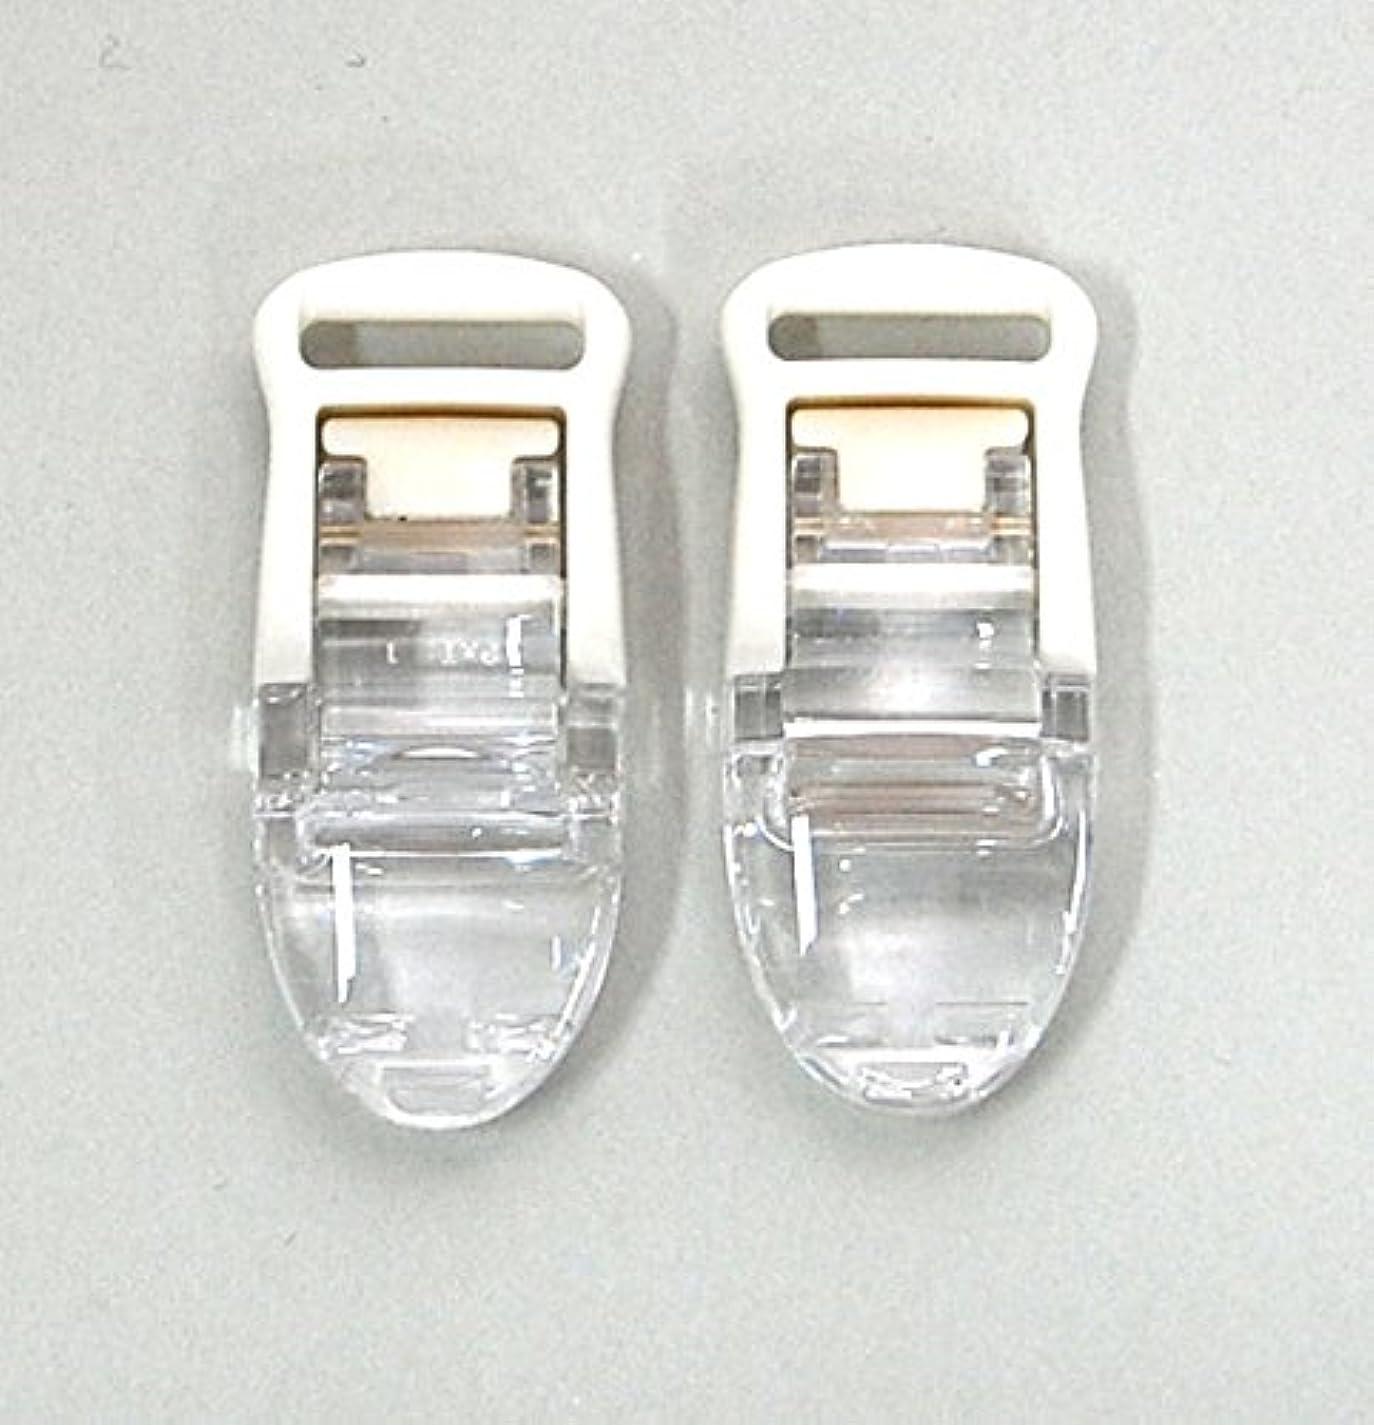 とらえどころのない薬とげMEIWA 日本製 フィッシュクリップジャンボ 2個セット クリア